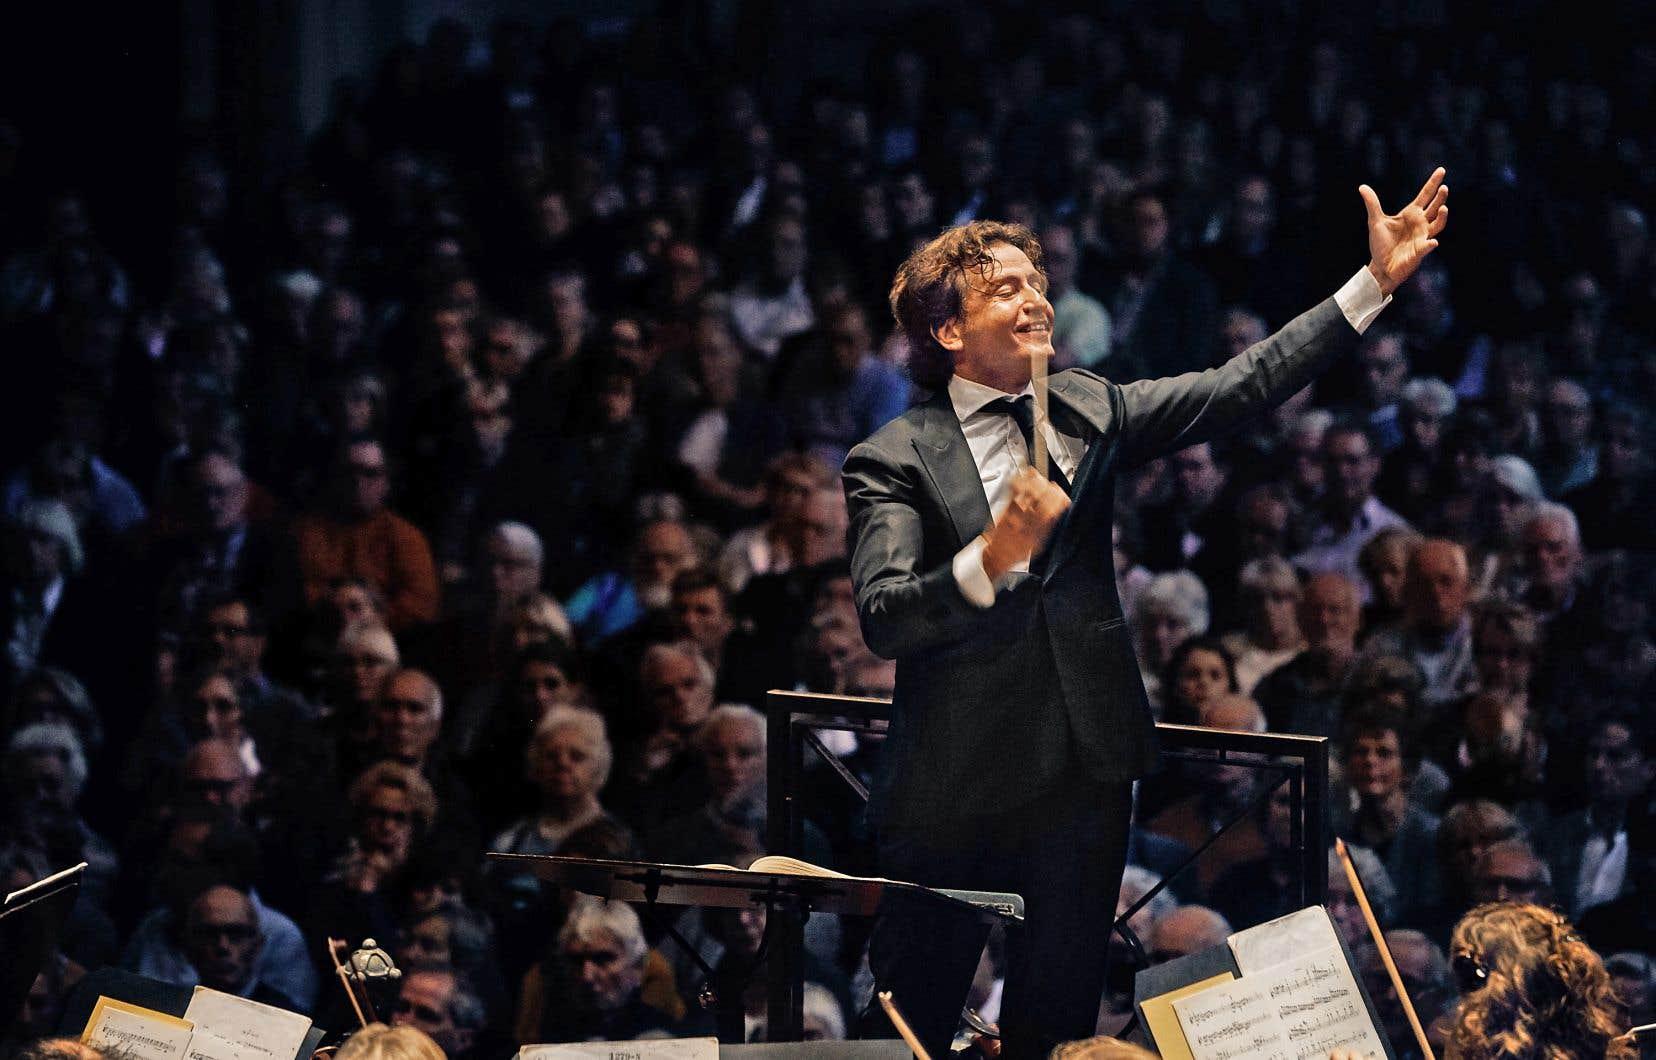 Gustavo Gimeno accède à un poste fort intéressant en Amérique du Nord six ans après avoir commencé la direction d'orchestre.